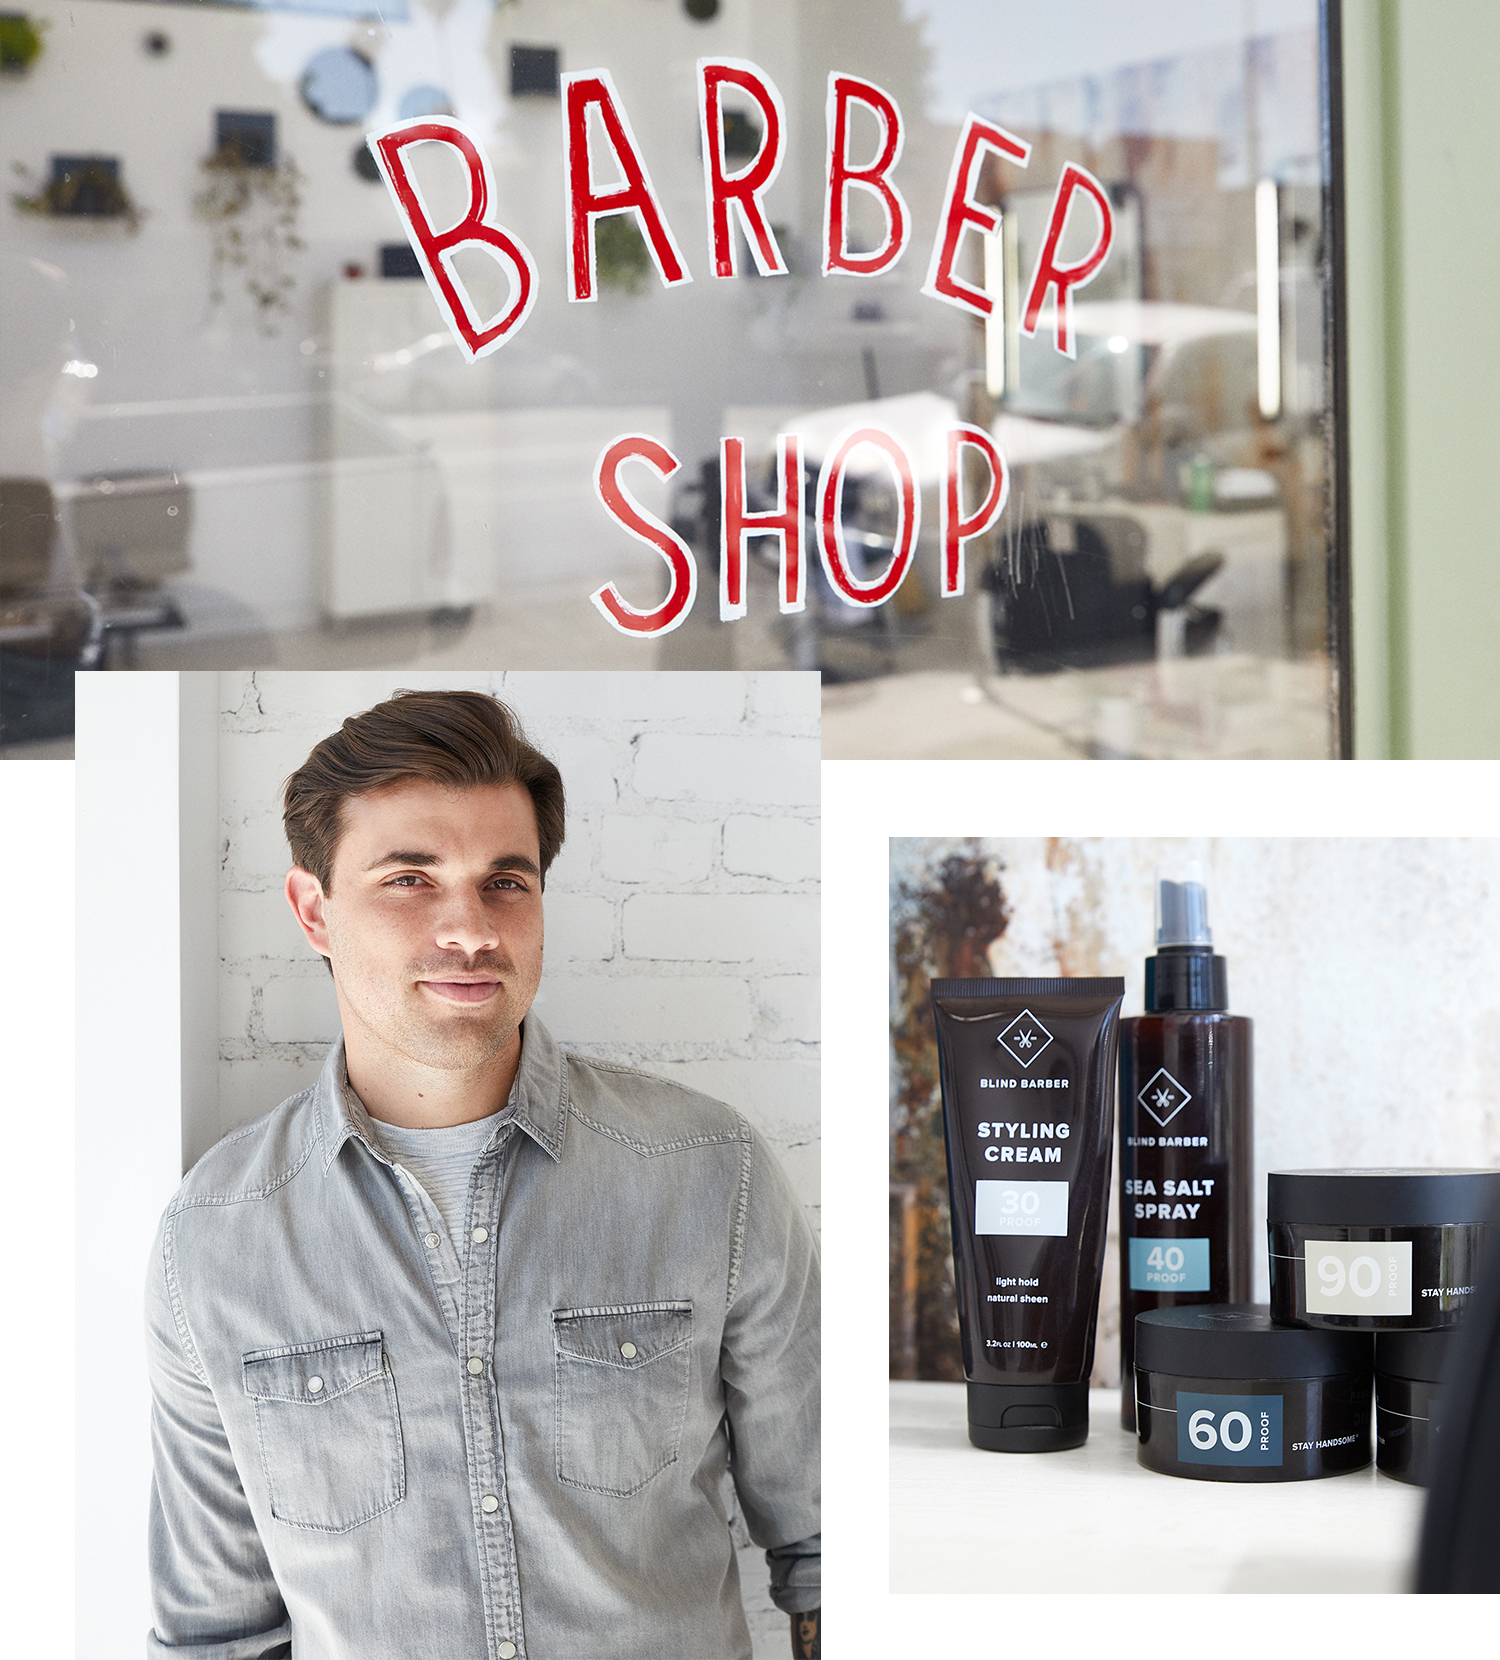 blind-barber-shop